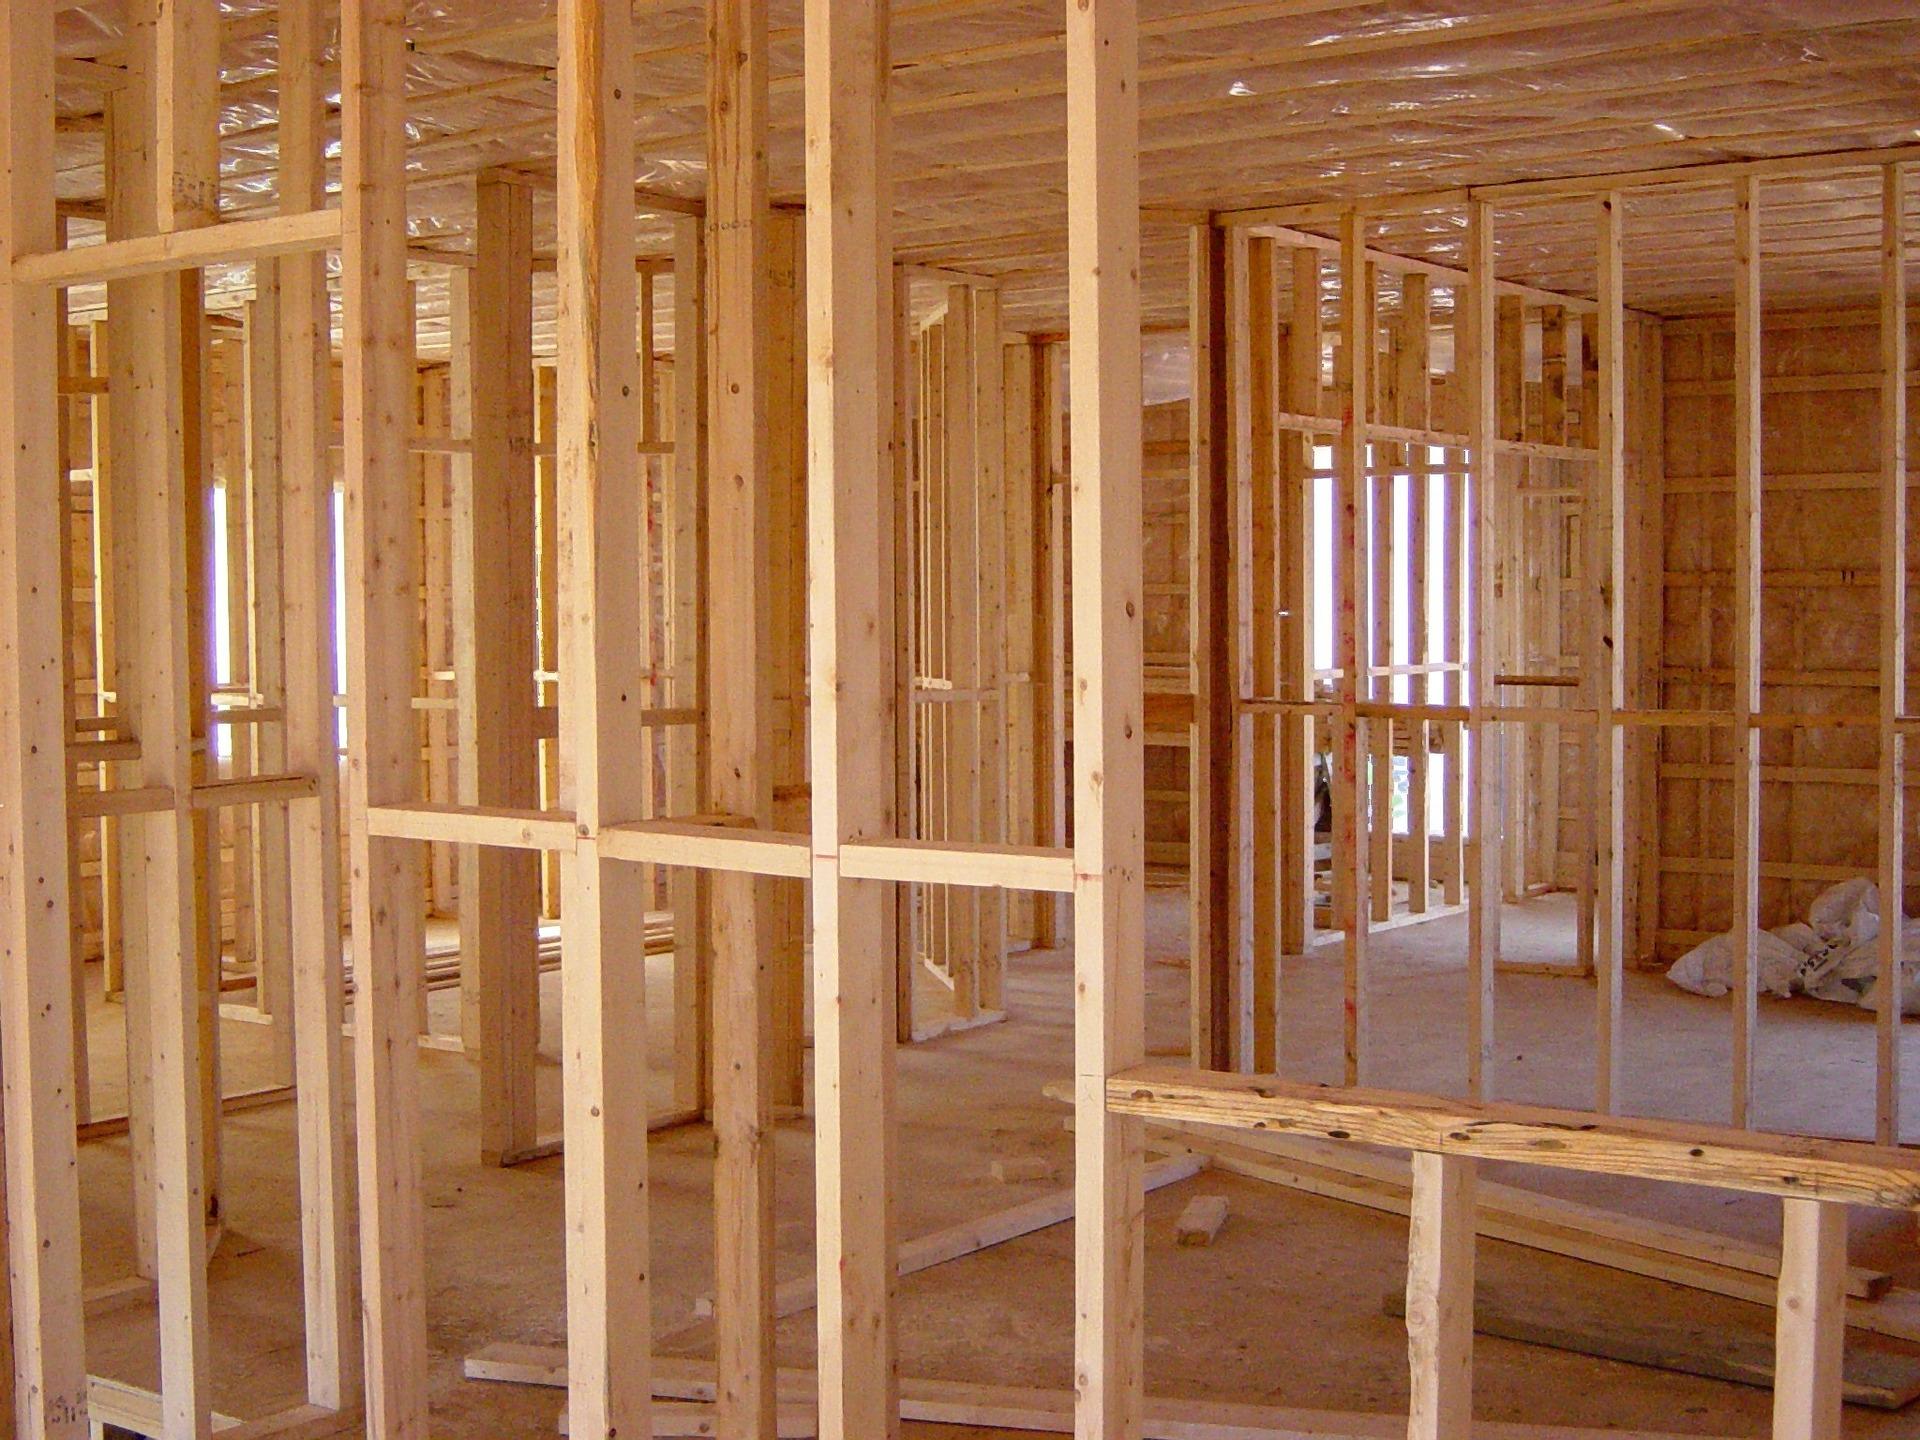 madera-construccion-sostenible